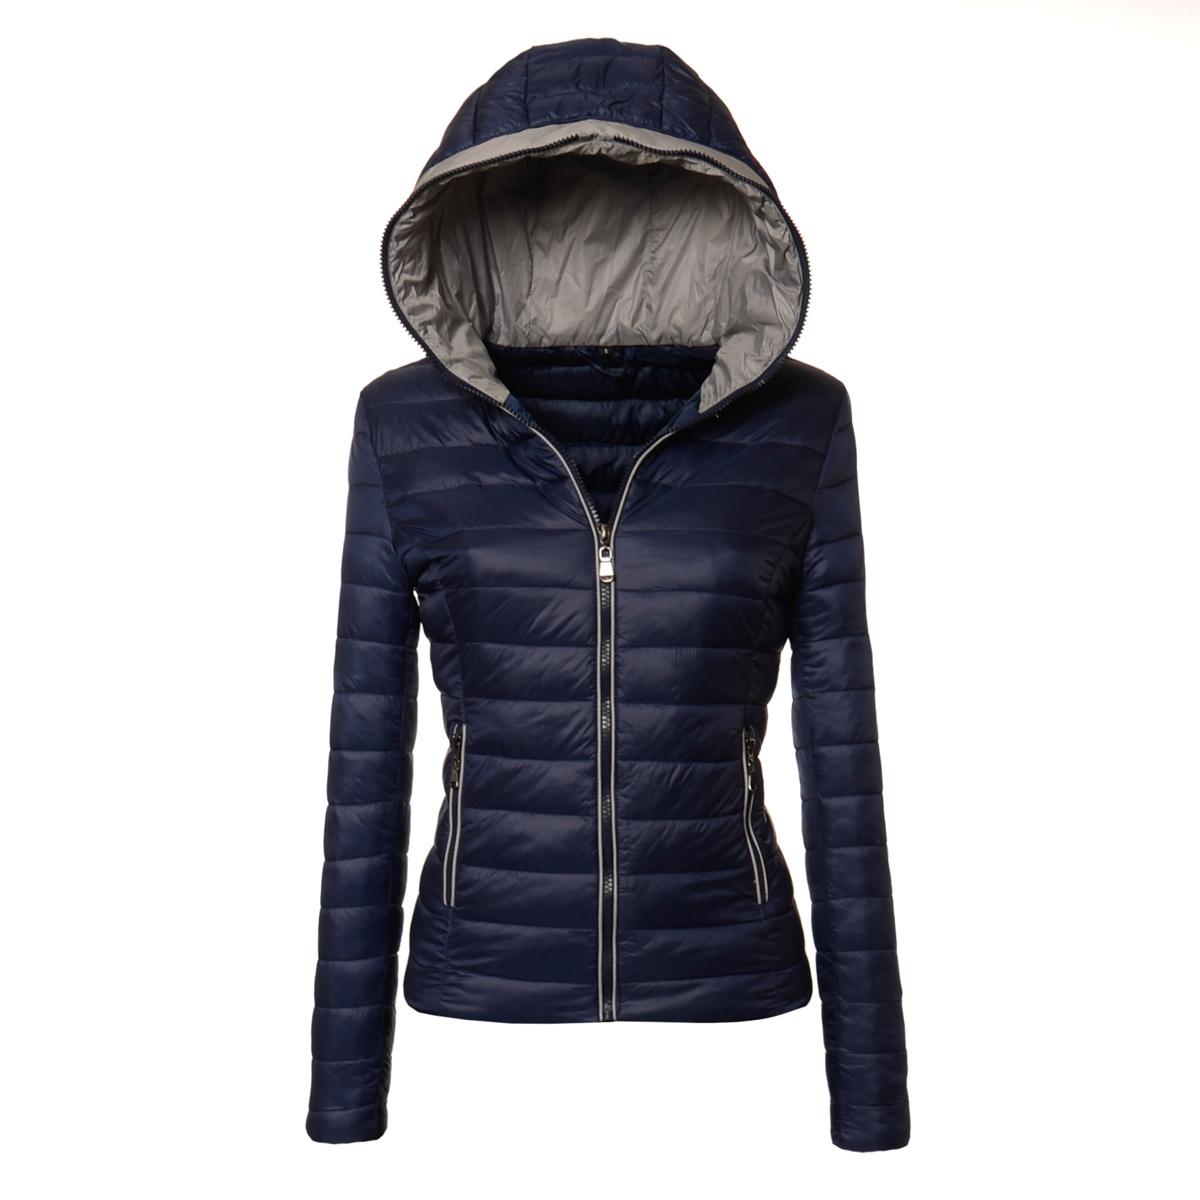 Granatowa kurtka pikowana Kurtka przejściowa to nieodłączny element męskiej garderoby. Wychodząc tej potrzebie naprzeciw, wprowadziliśmy do oferty granatową kurtkę pikowaną Miler Menswear.